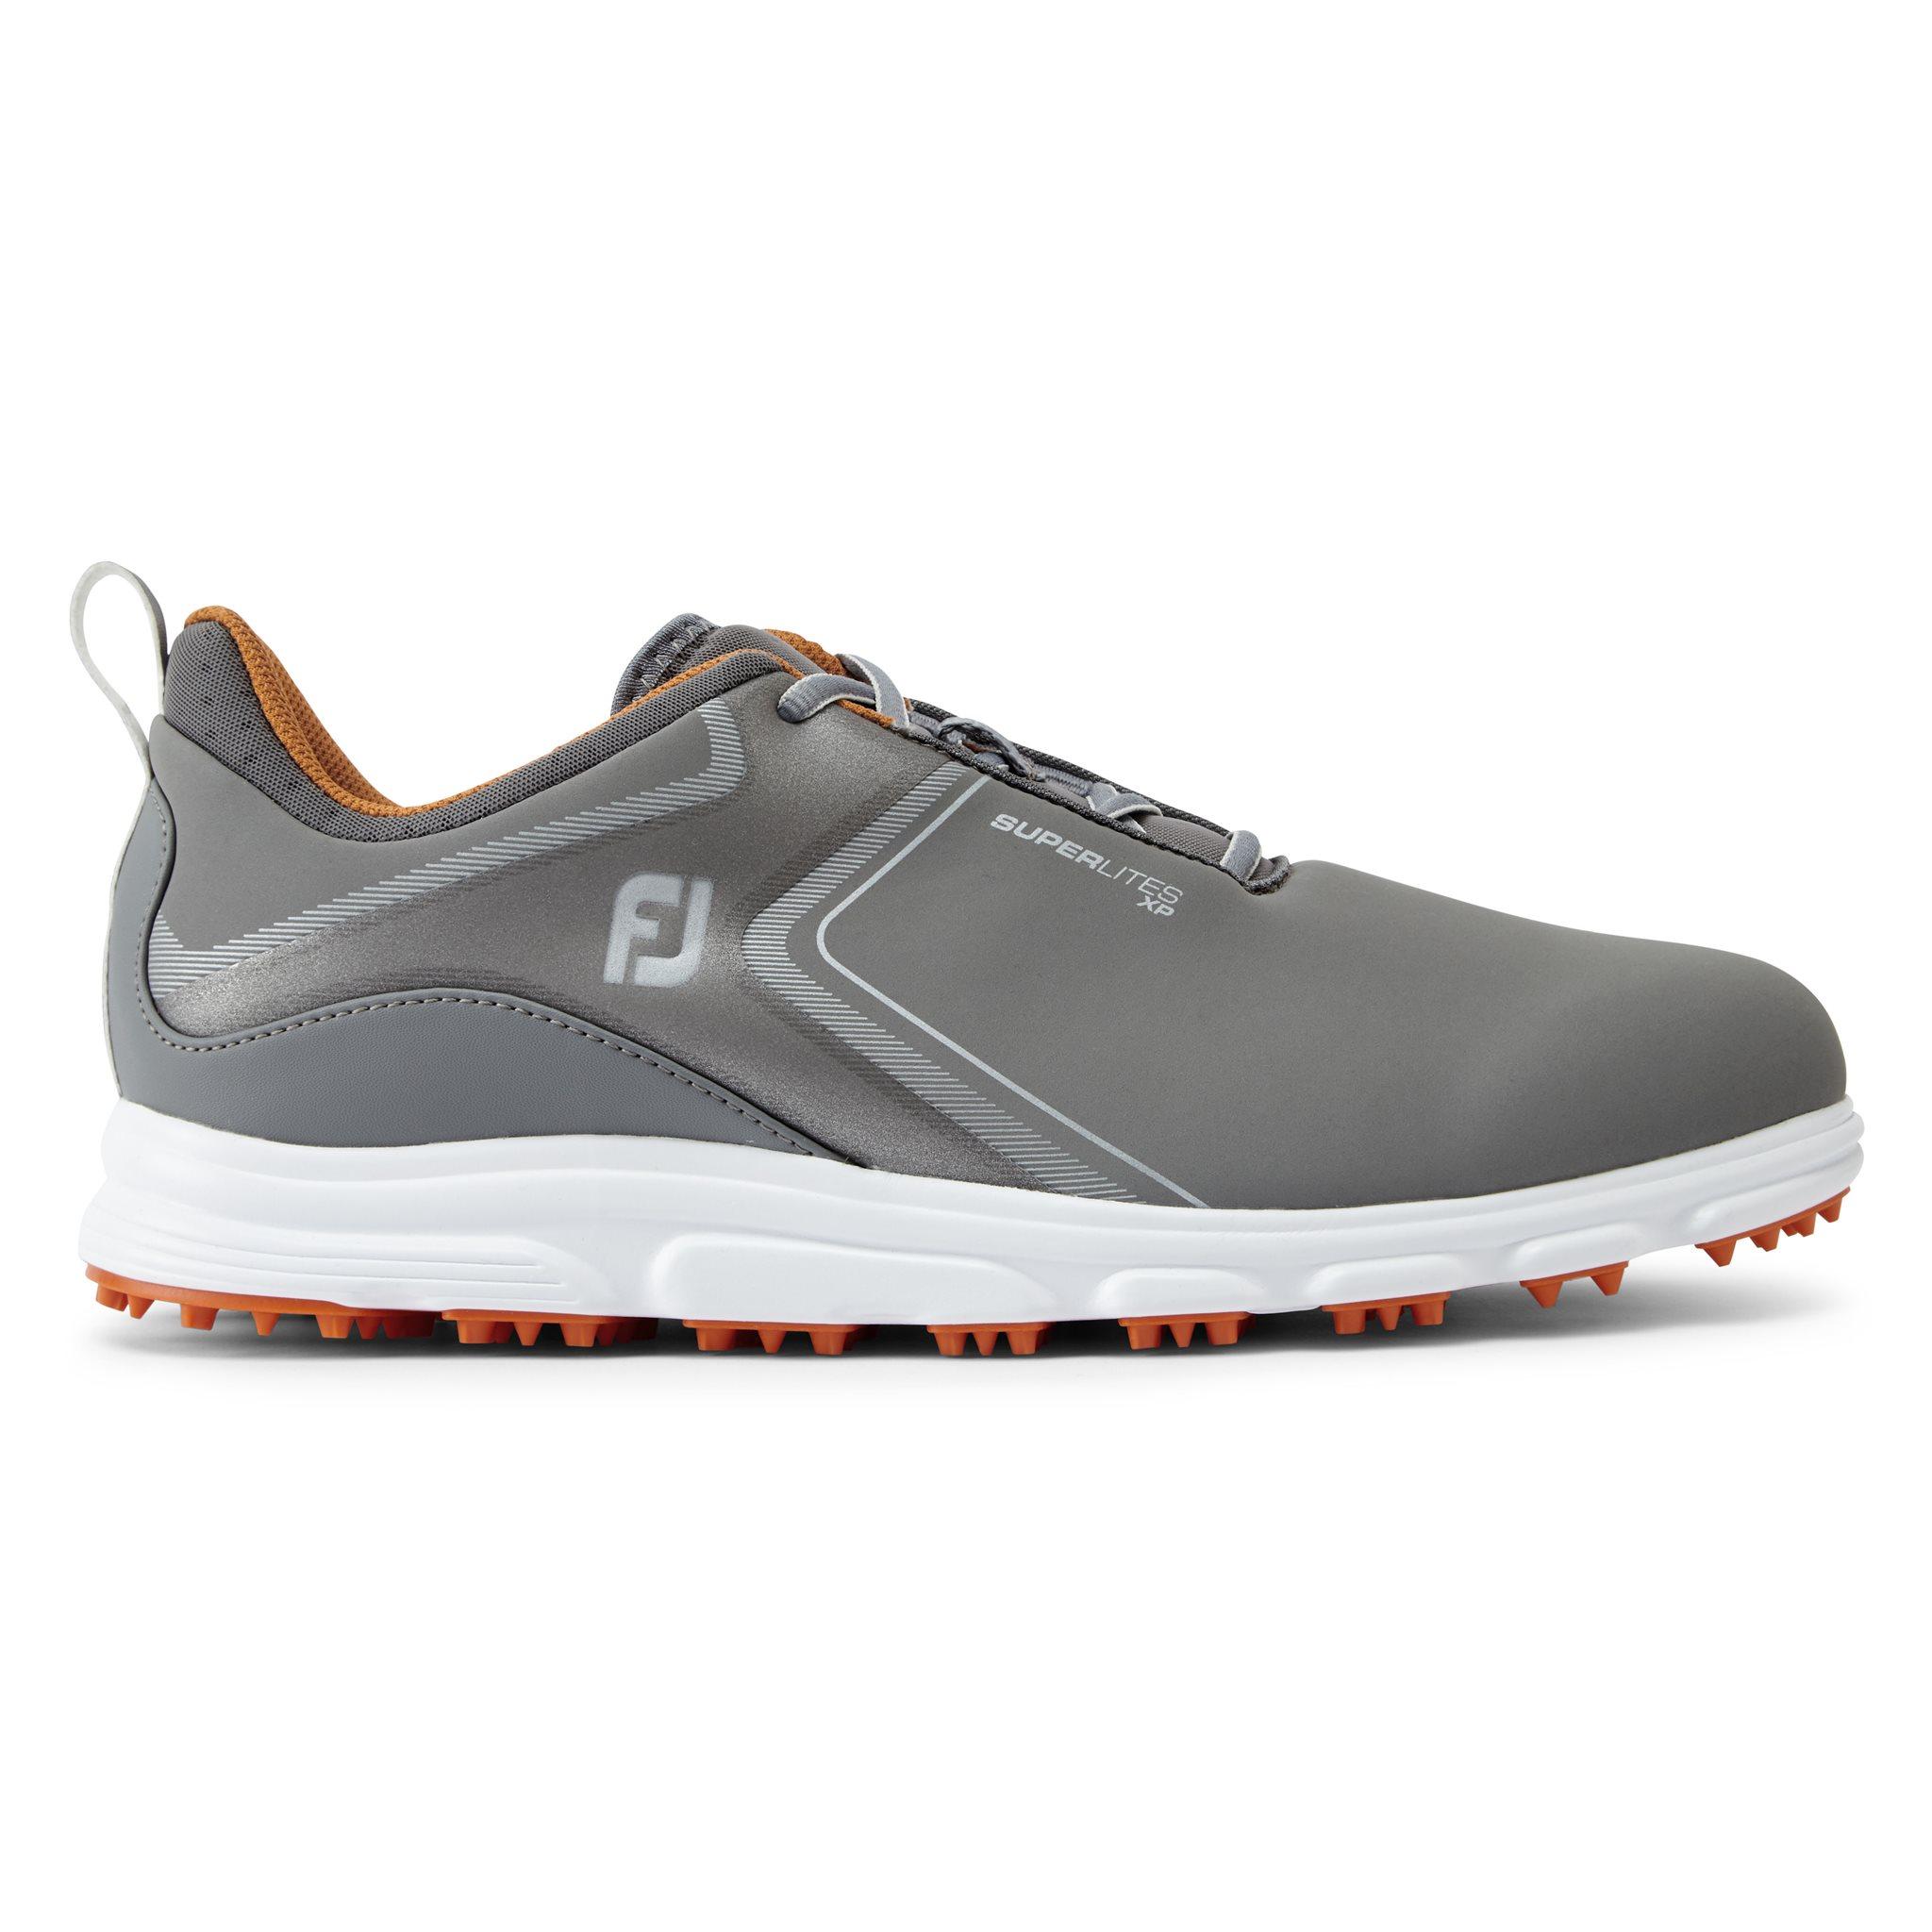 FootJoy heren golfschoenen SuperLites XP grijs-oranje